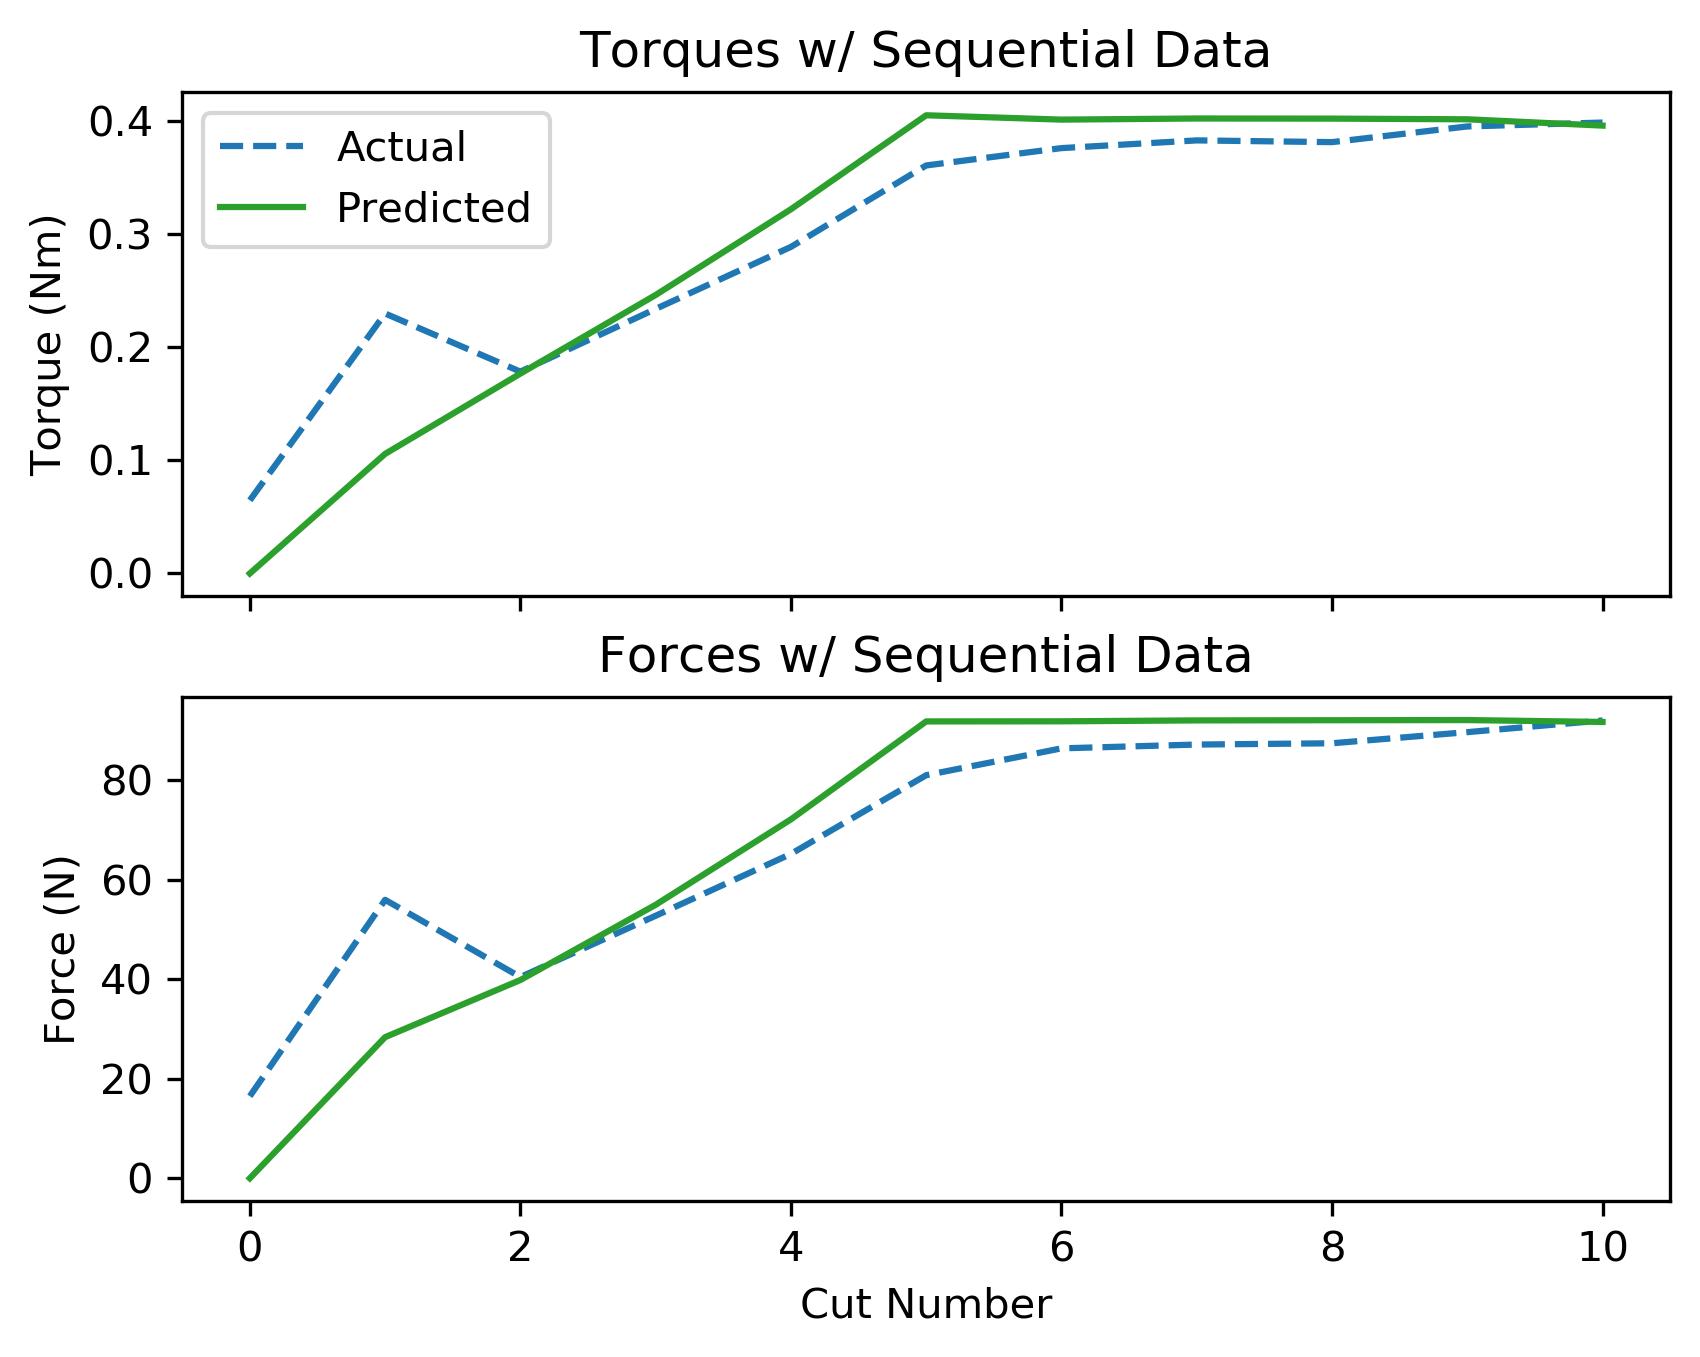 assets/ammp_graphs/ammp-lcs-3_8_seq_data.png